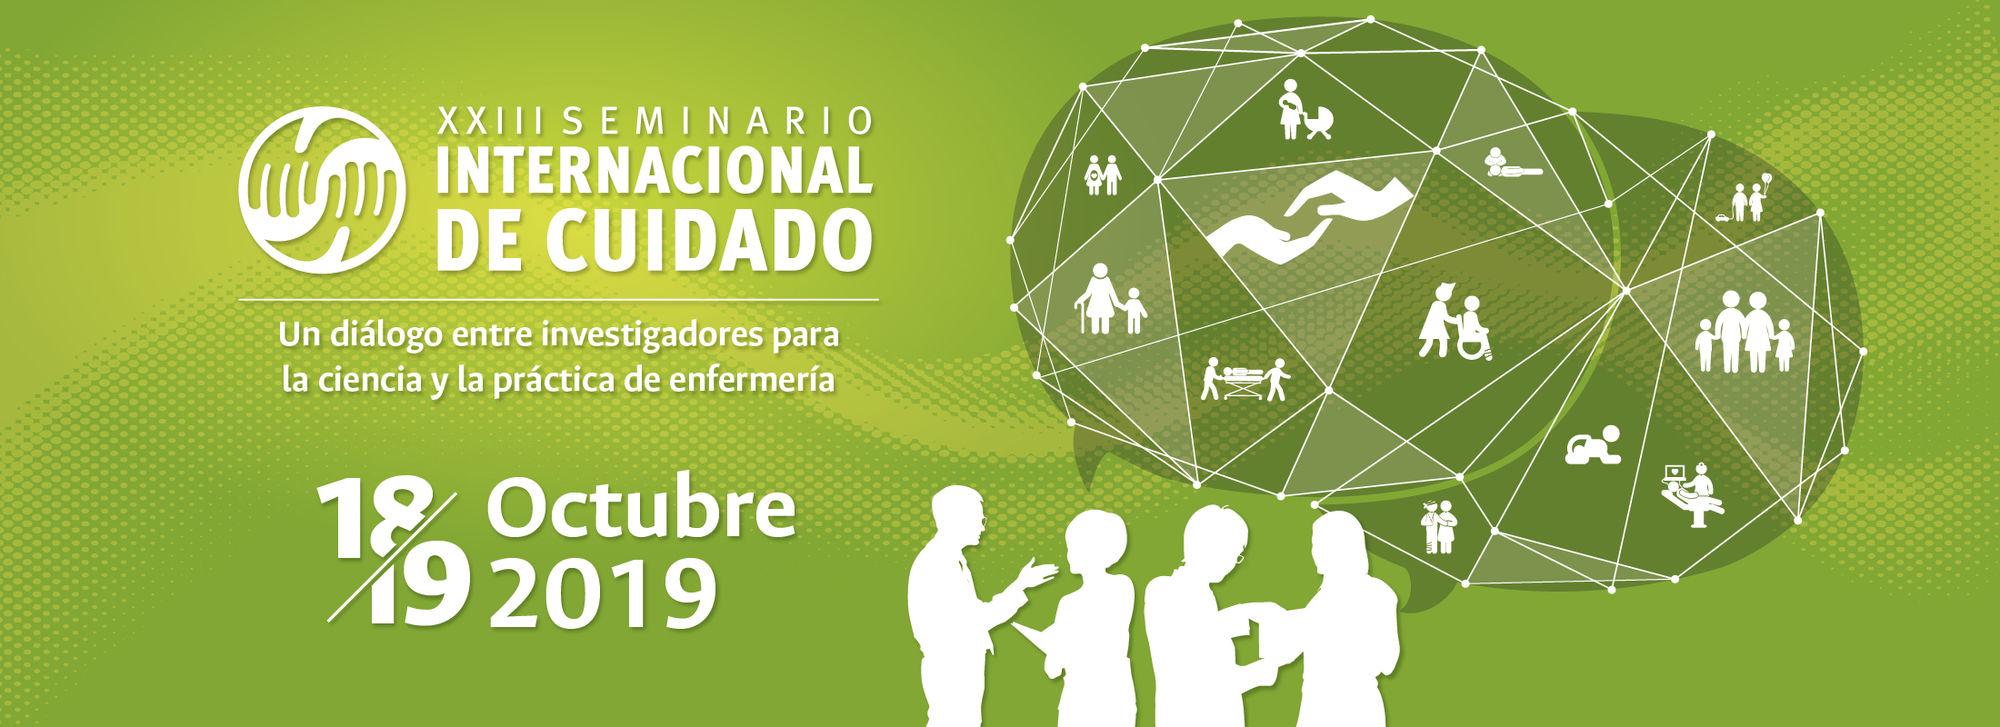 XXIII Seminario Internacional de Cuidado